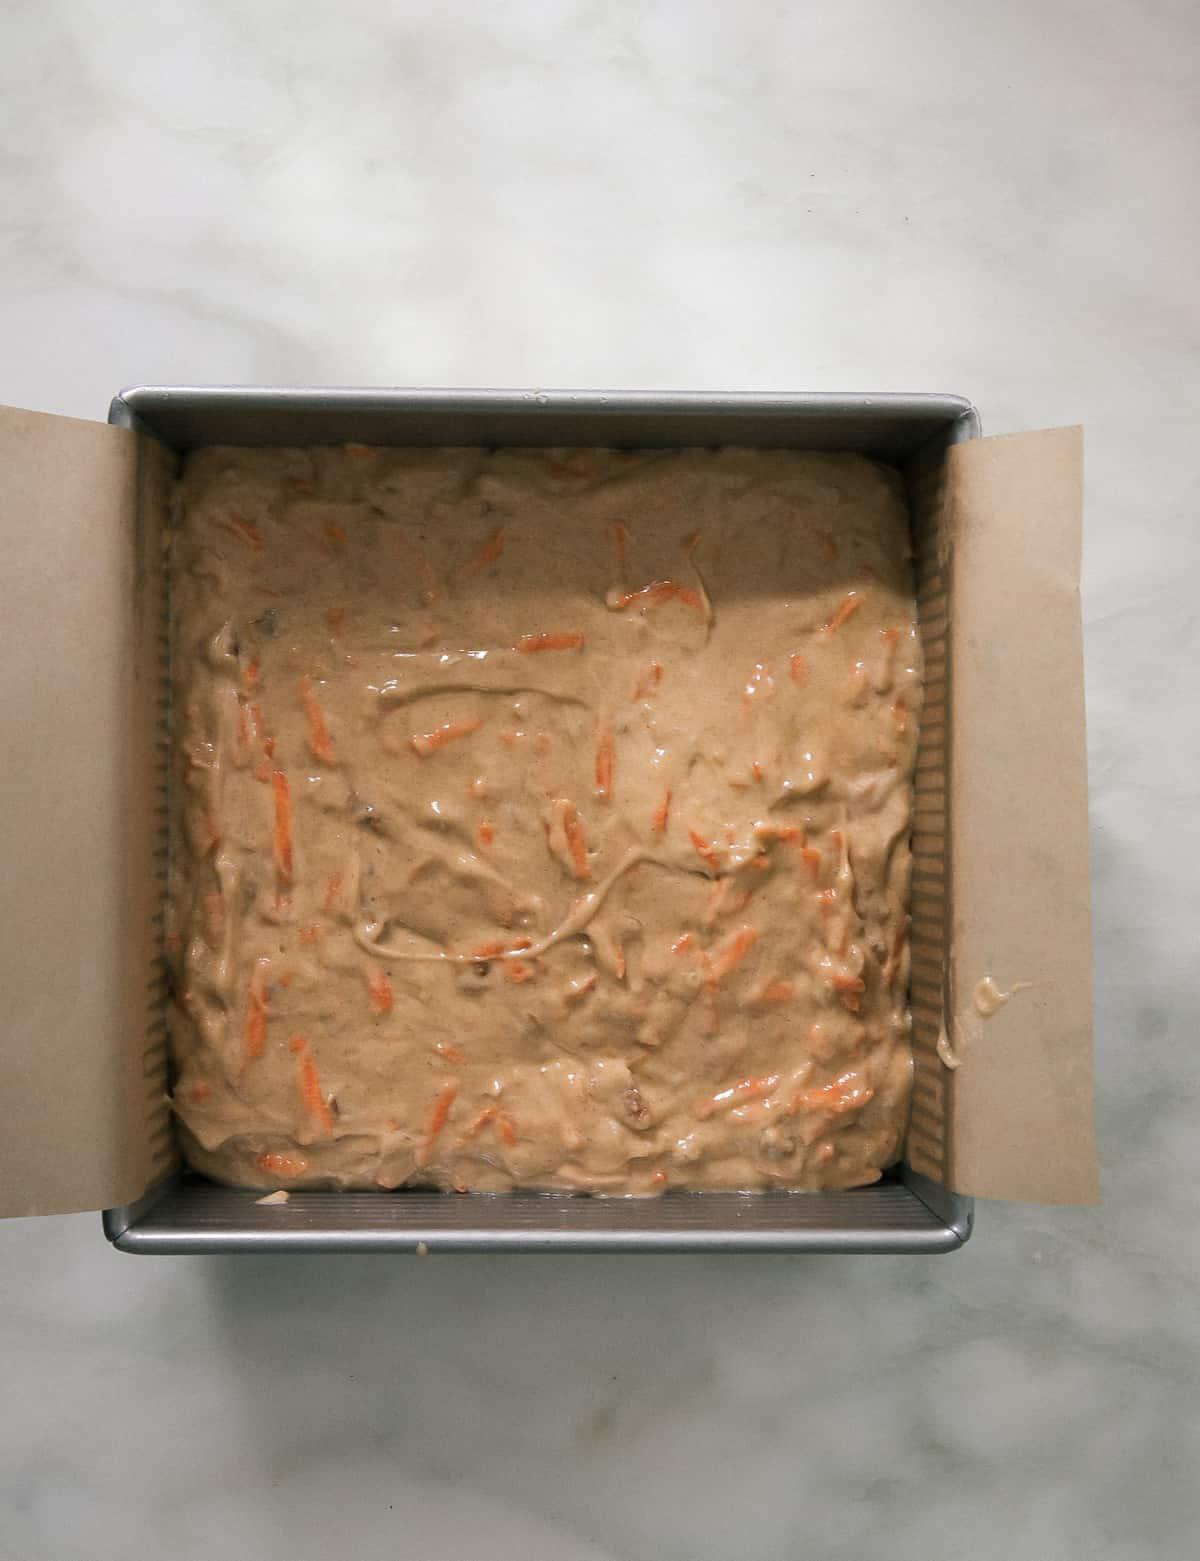 Carrot cake batter in baking pan